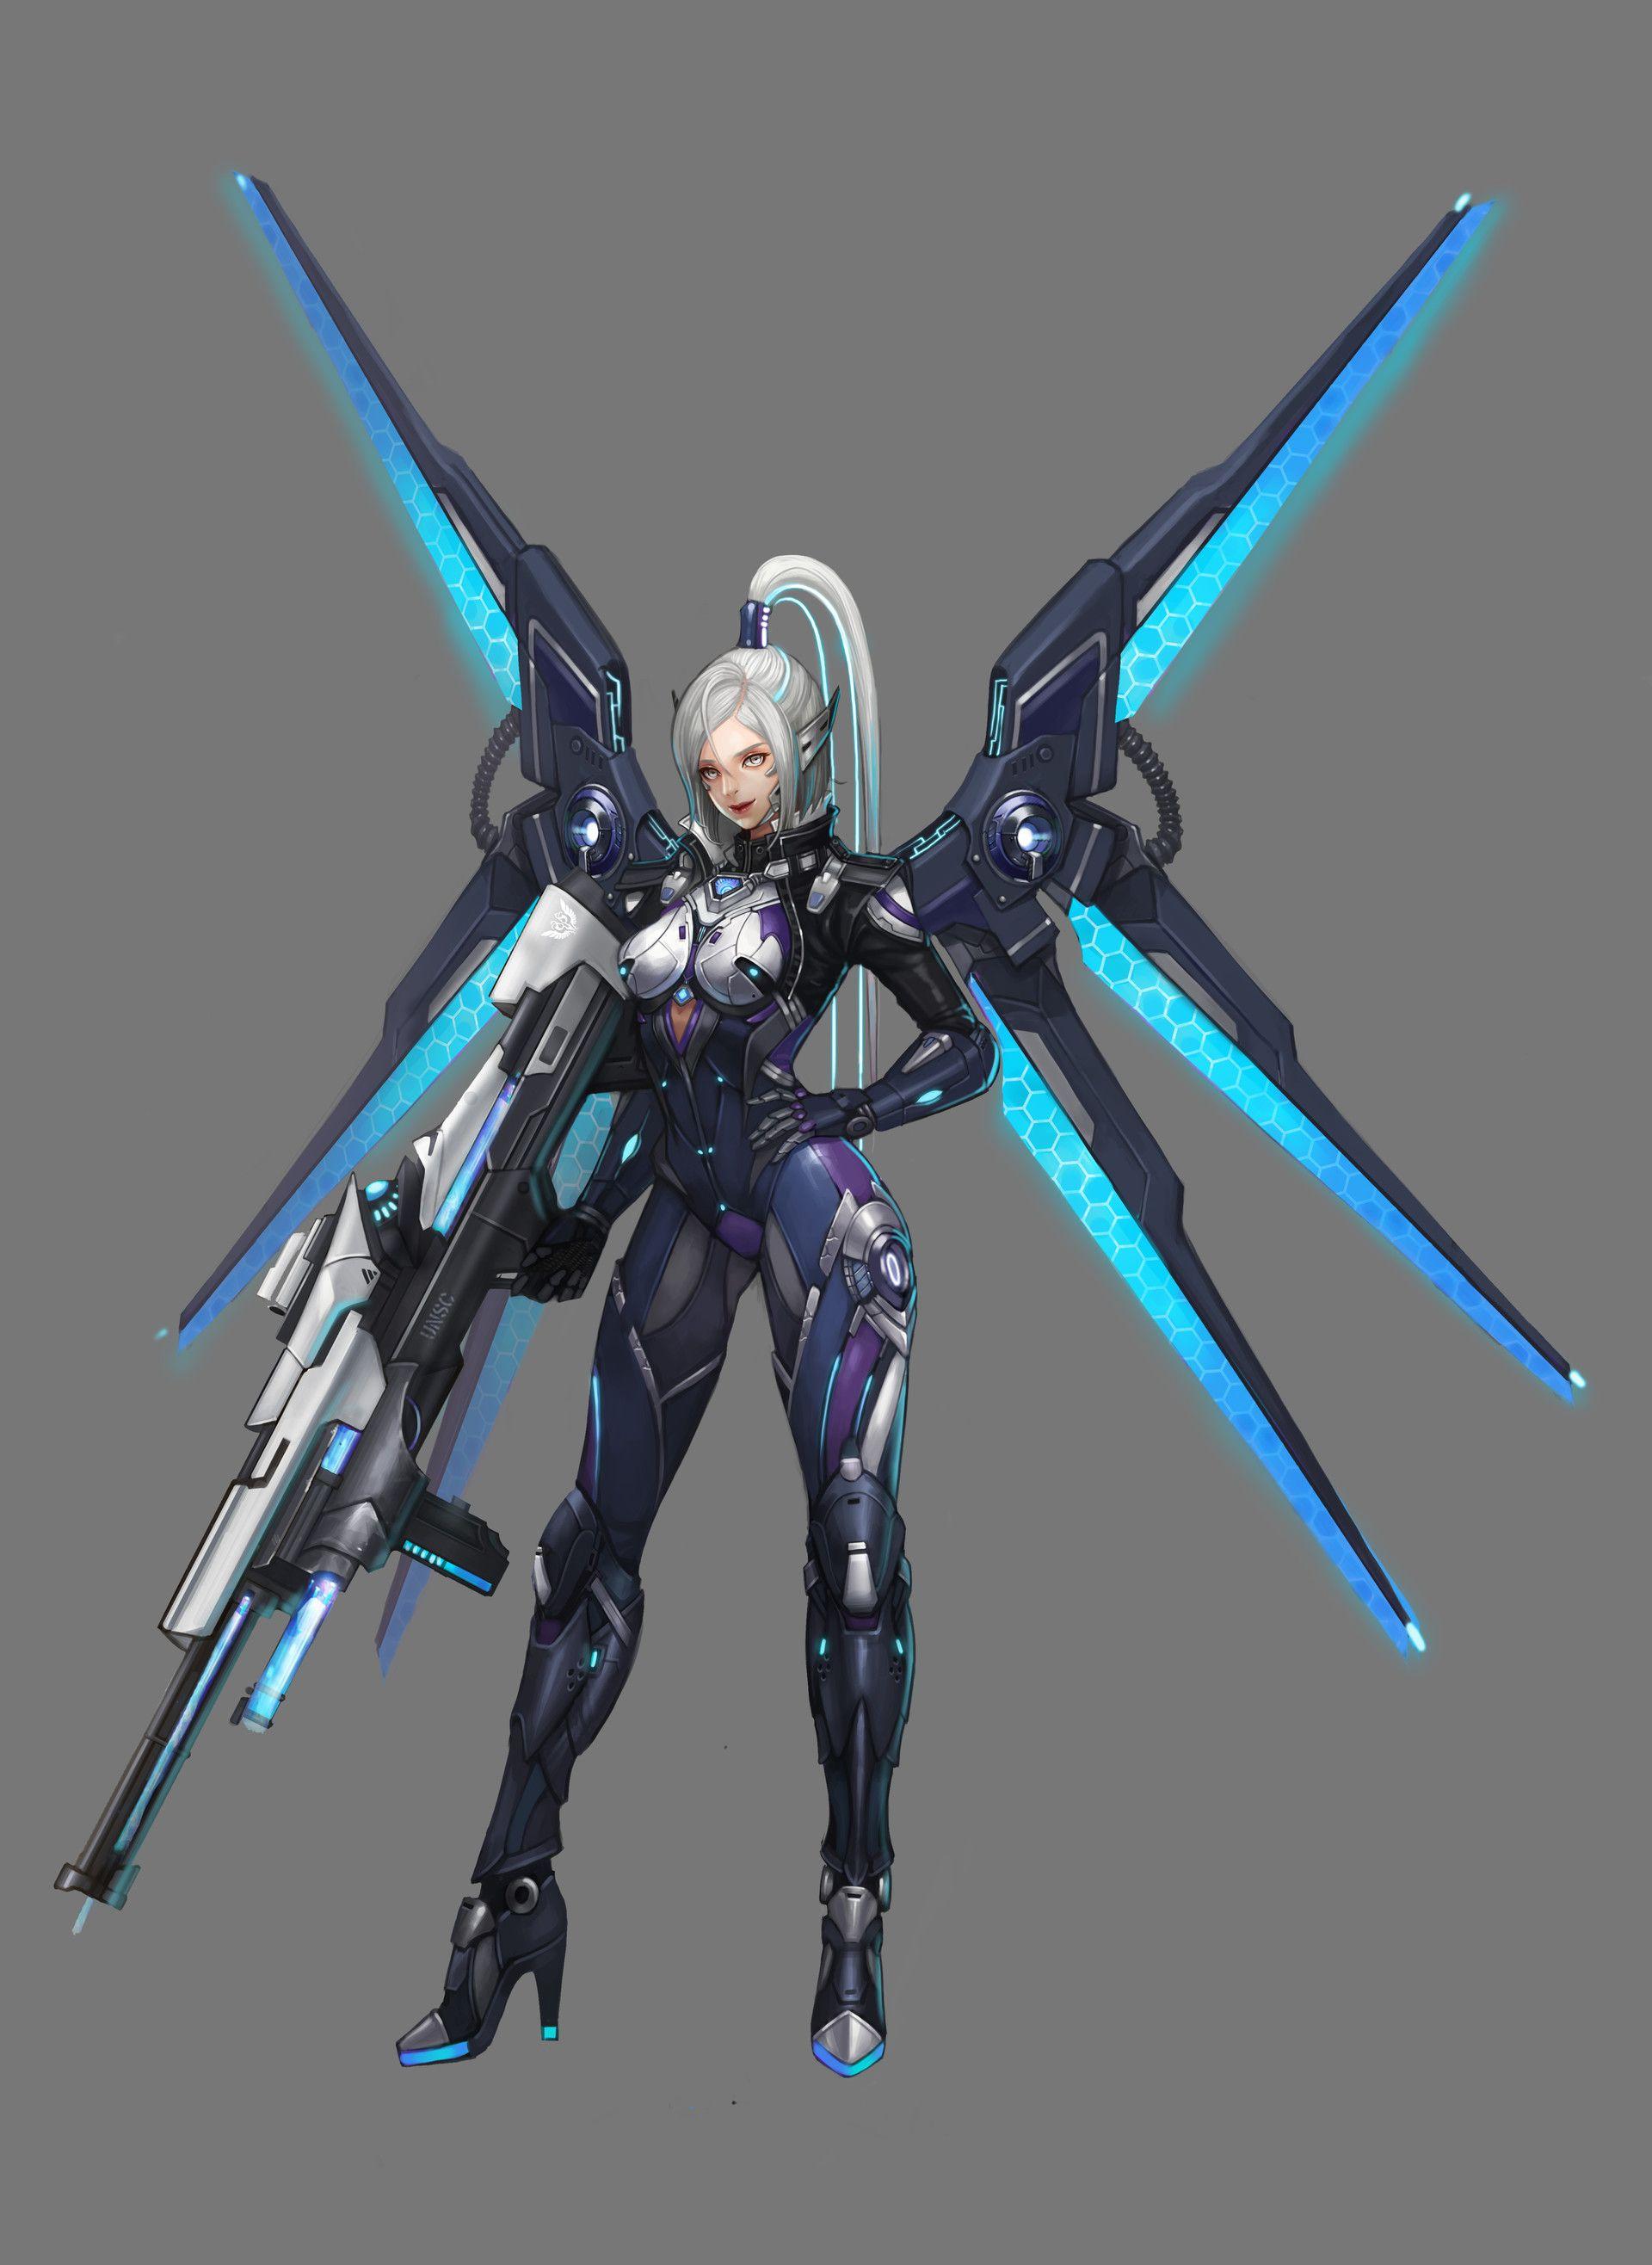 ArtStation Ranger, byeol kim Character art, Robot